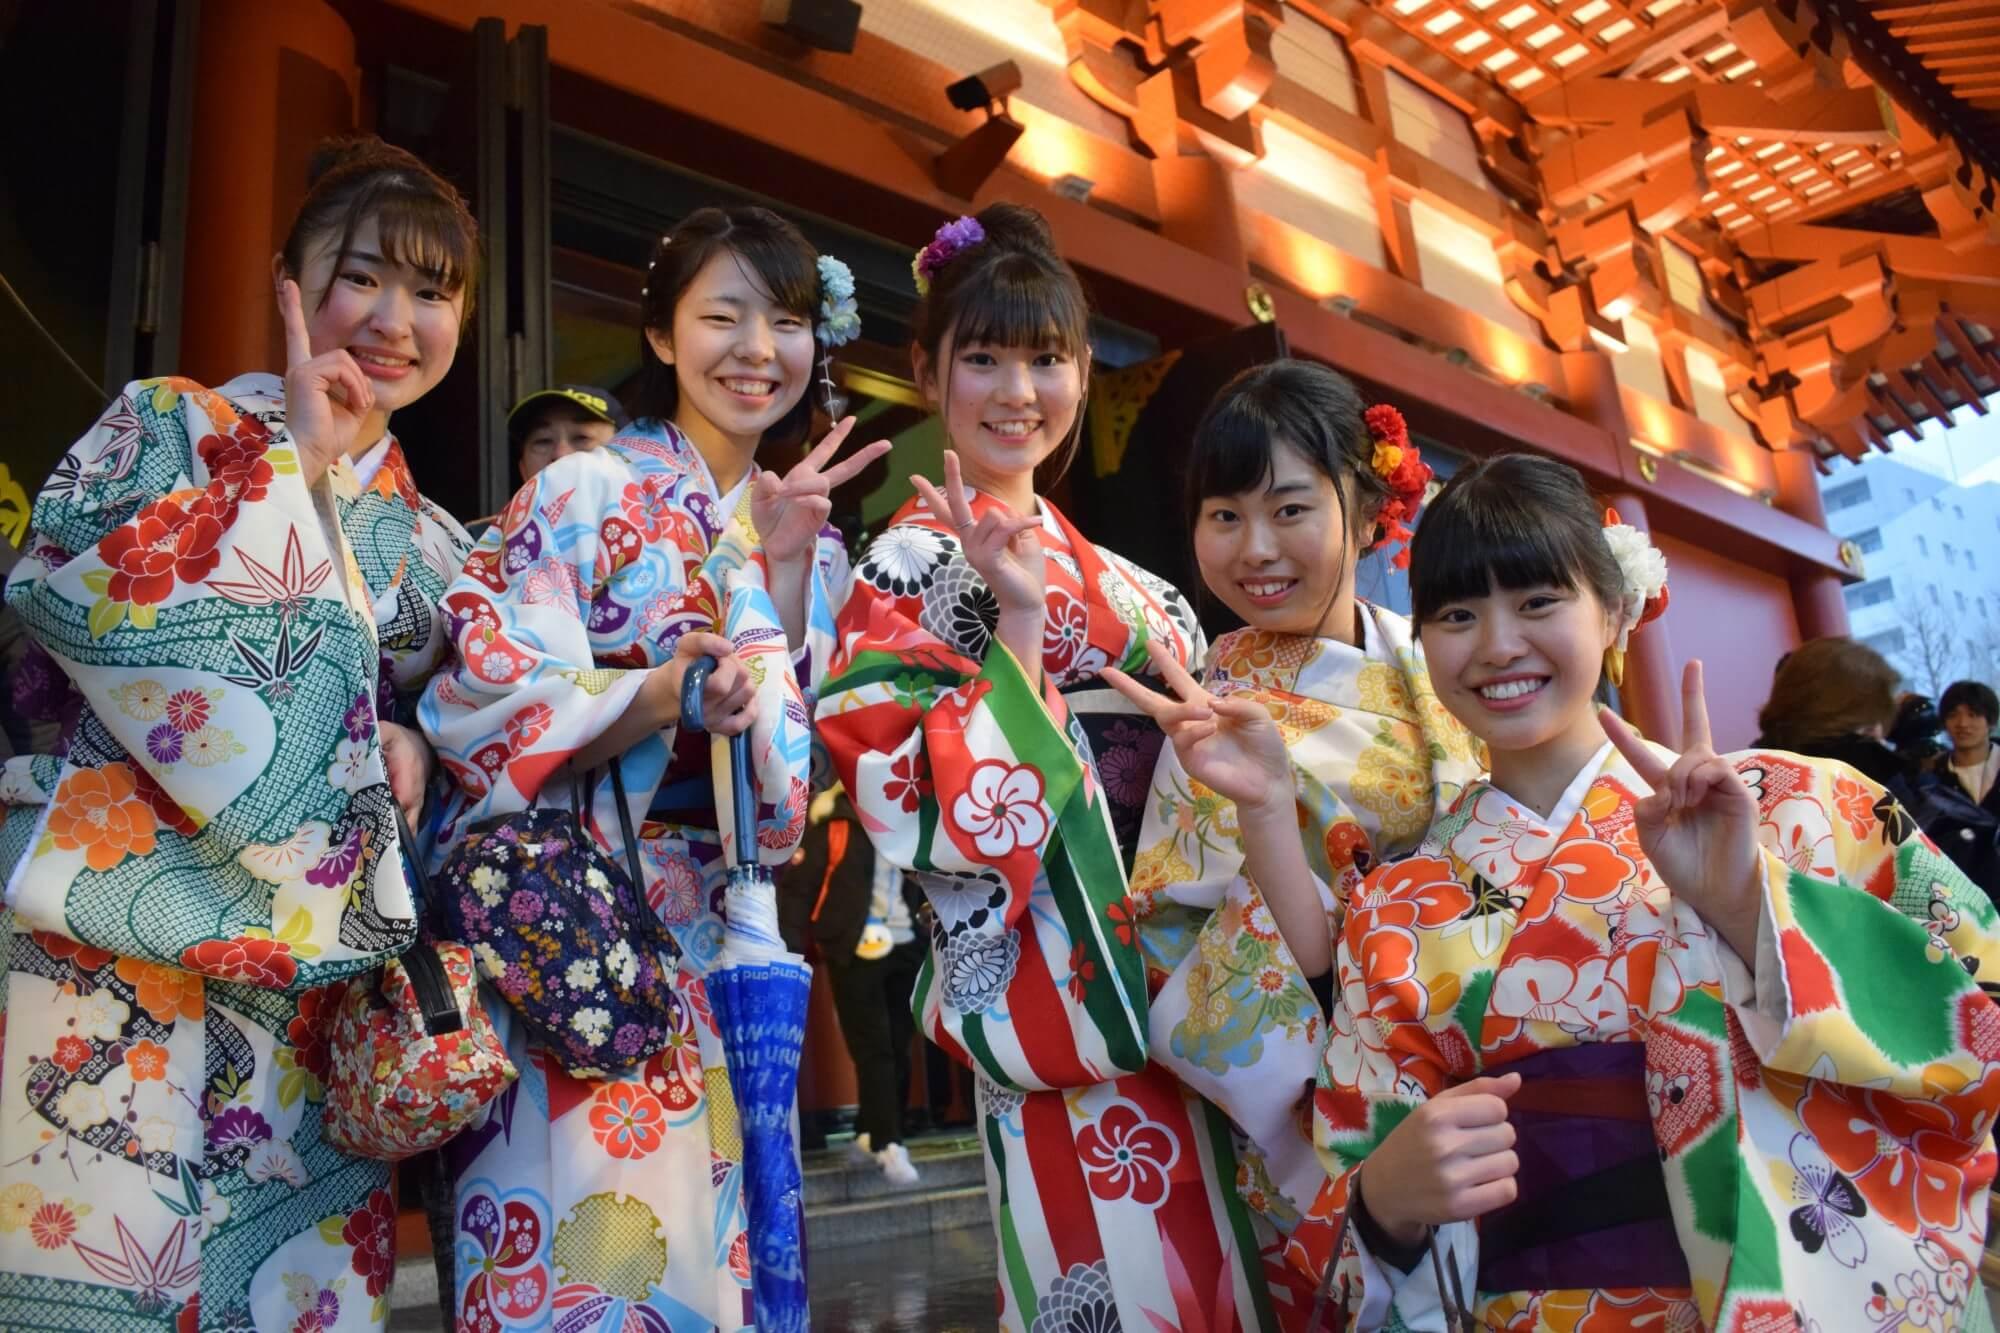 co-gai-kimono-nhat-ban-de-thuong (1)